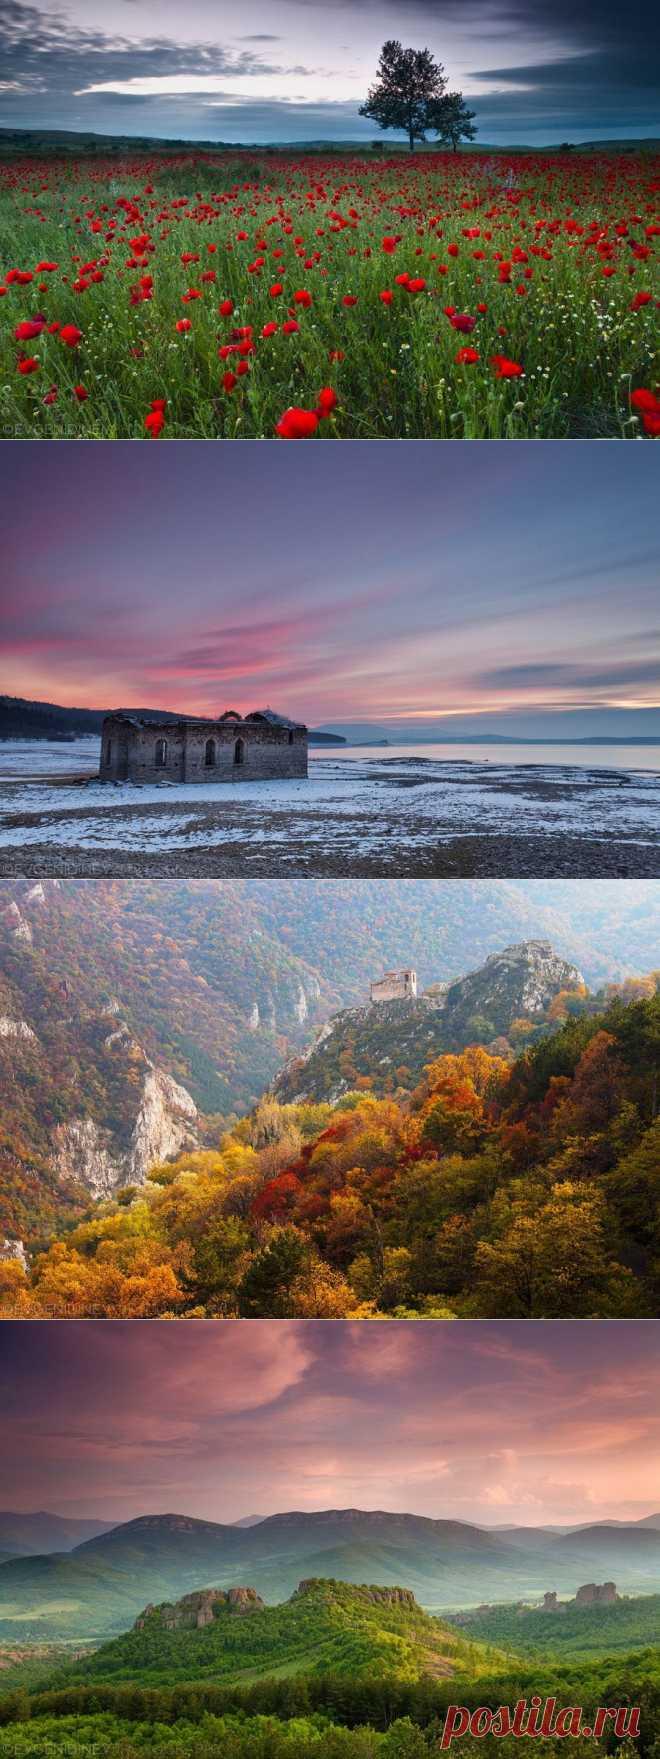 » Болгарские пейзажи Это интересно!